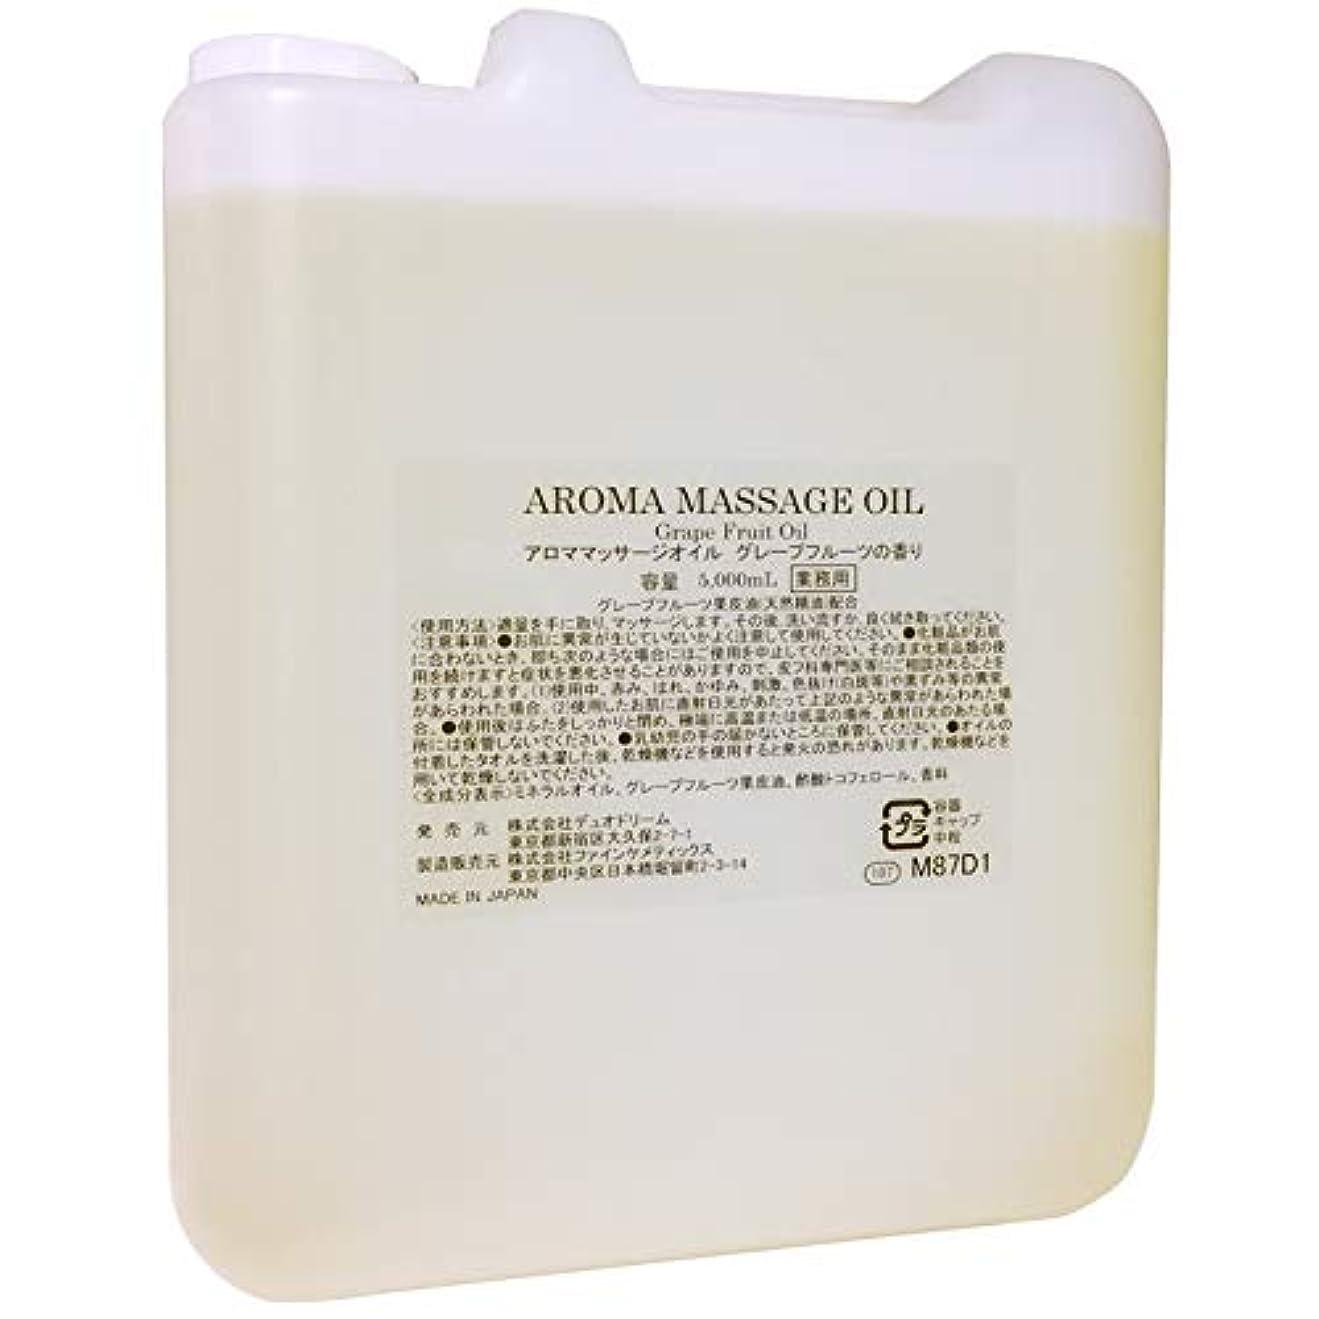 レイ効果うるさいアロマ マッサージオイル グレープフルーツ 5L / さっぱりタイプ/日本製